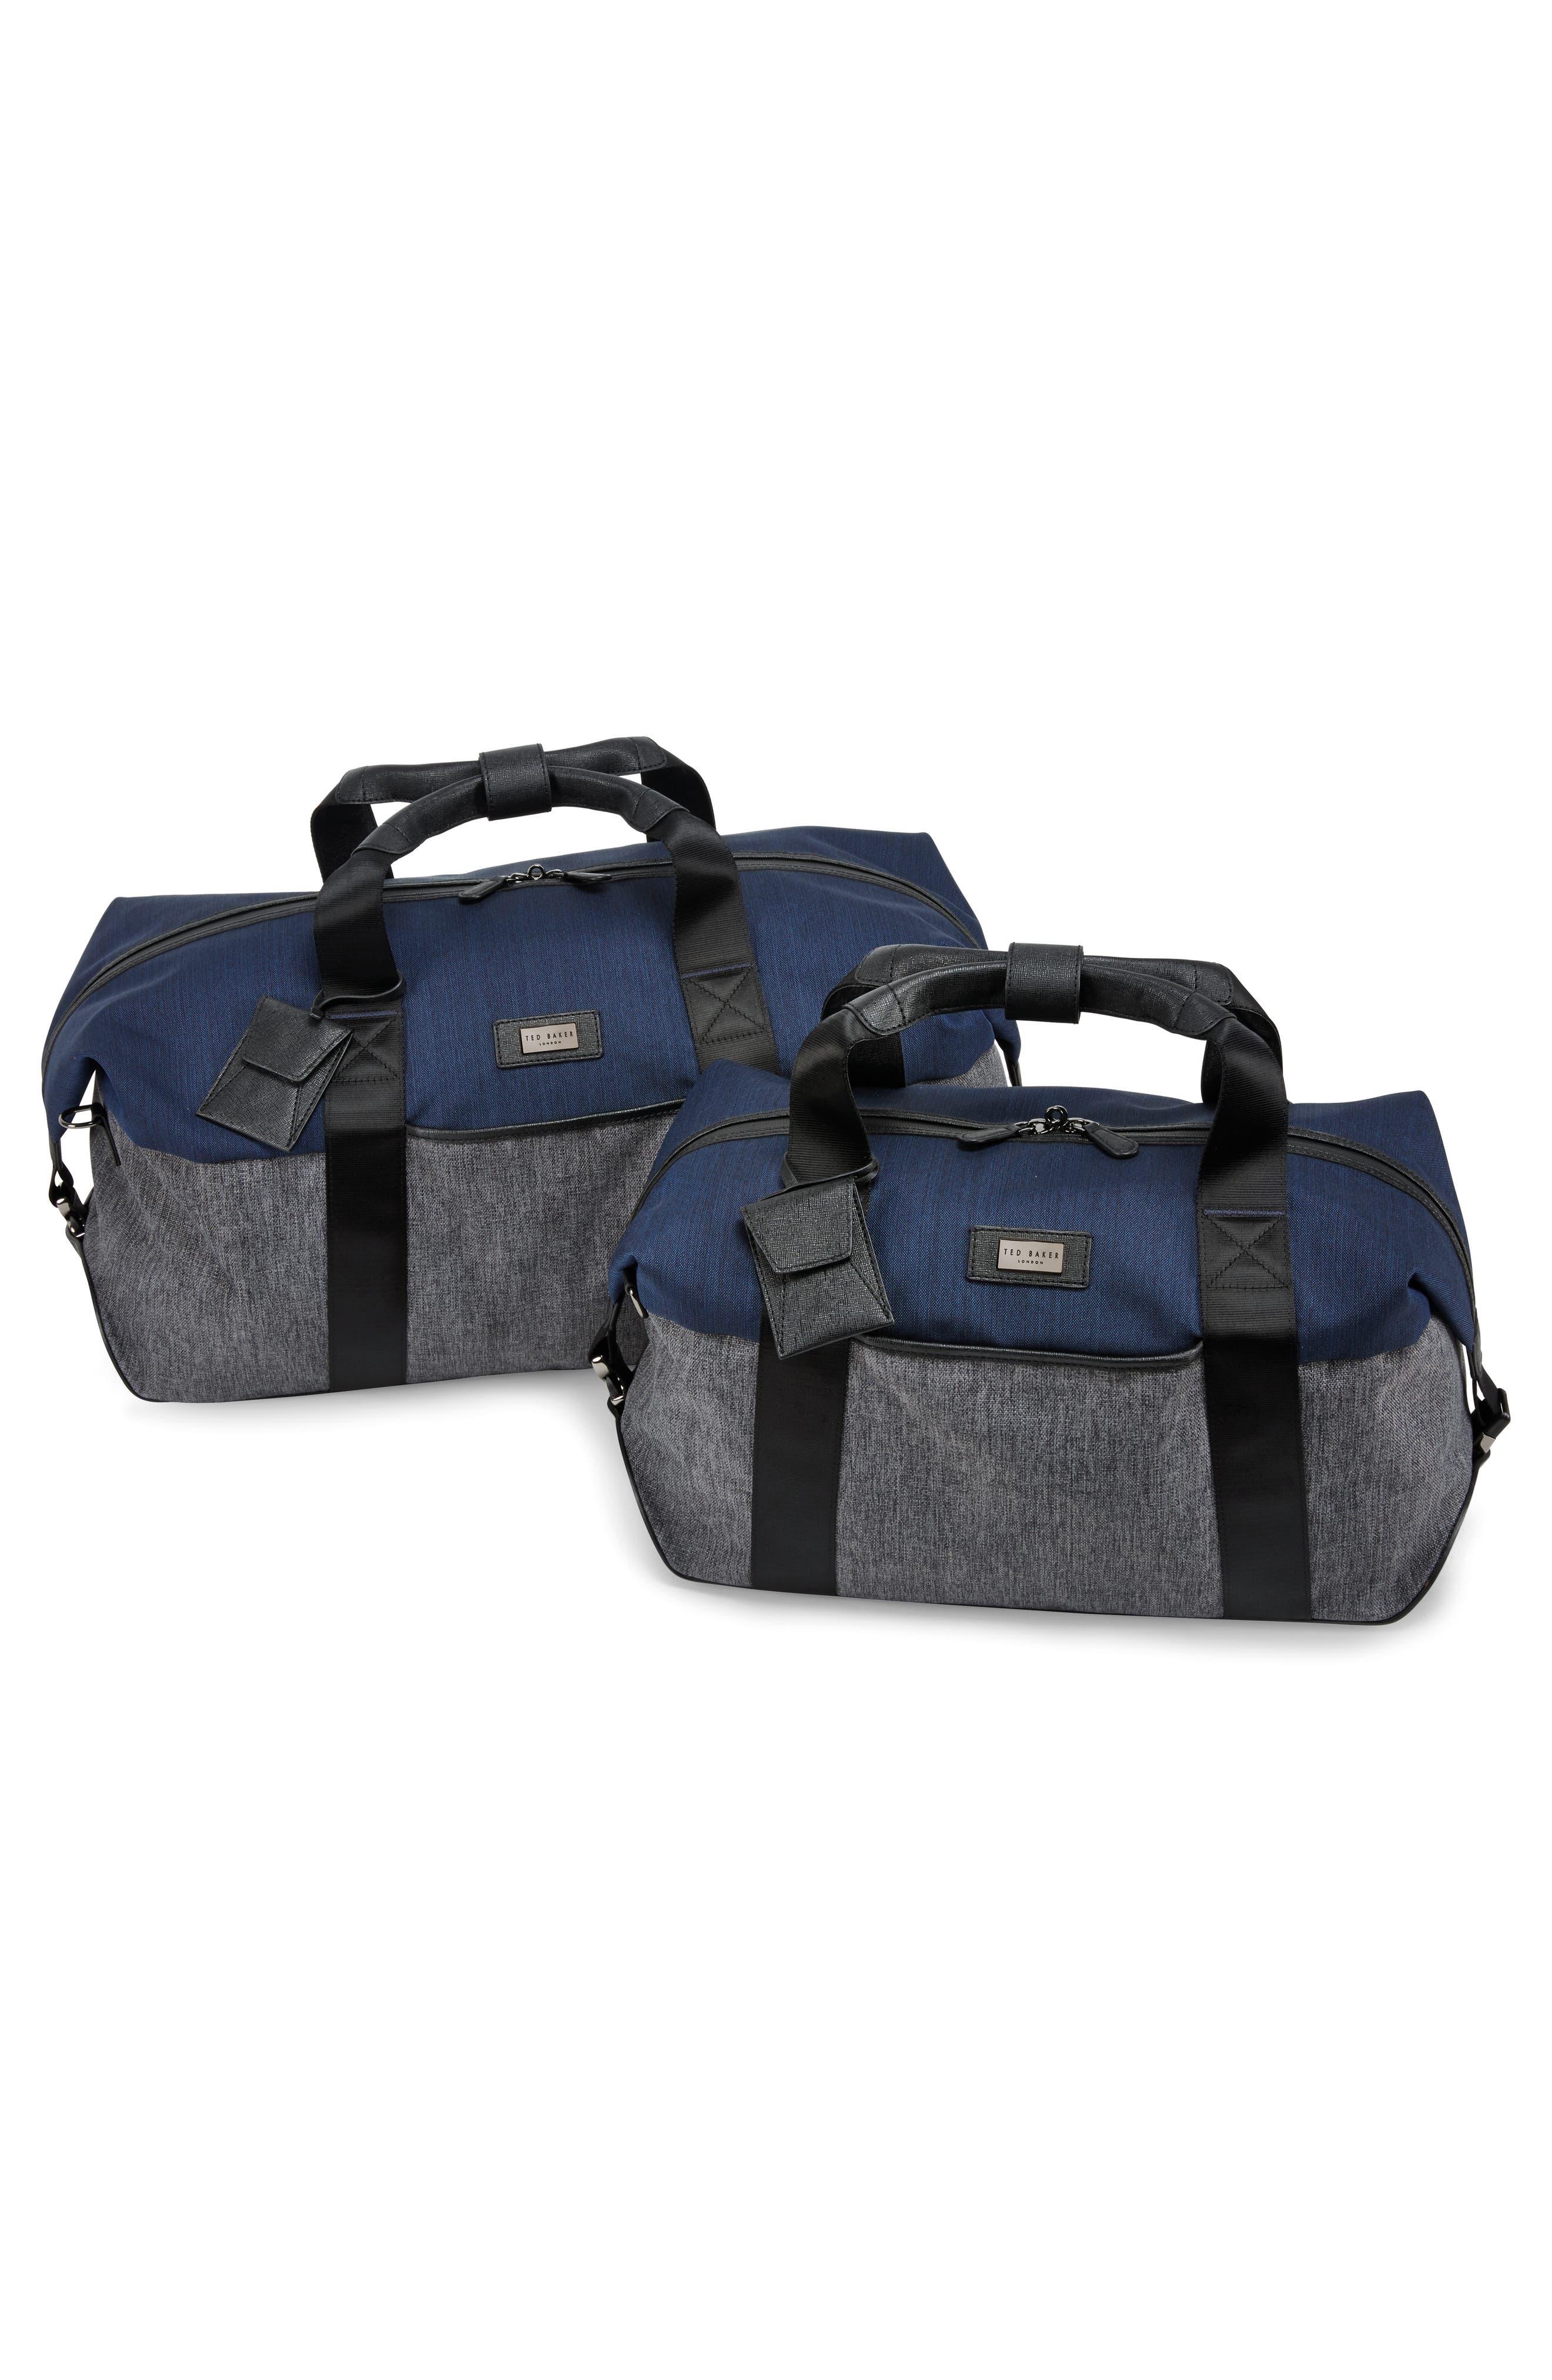 Medium Brunswick Water Resistant Duffel Bag,                             Alternate thumbnail 5, color,                             020